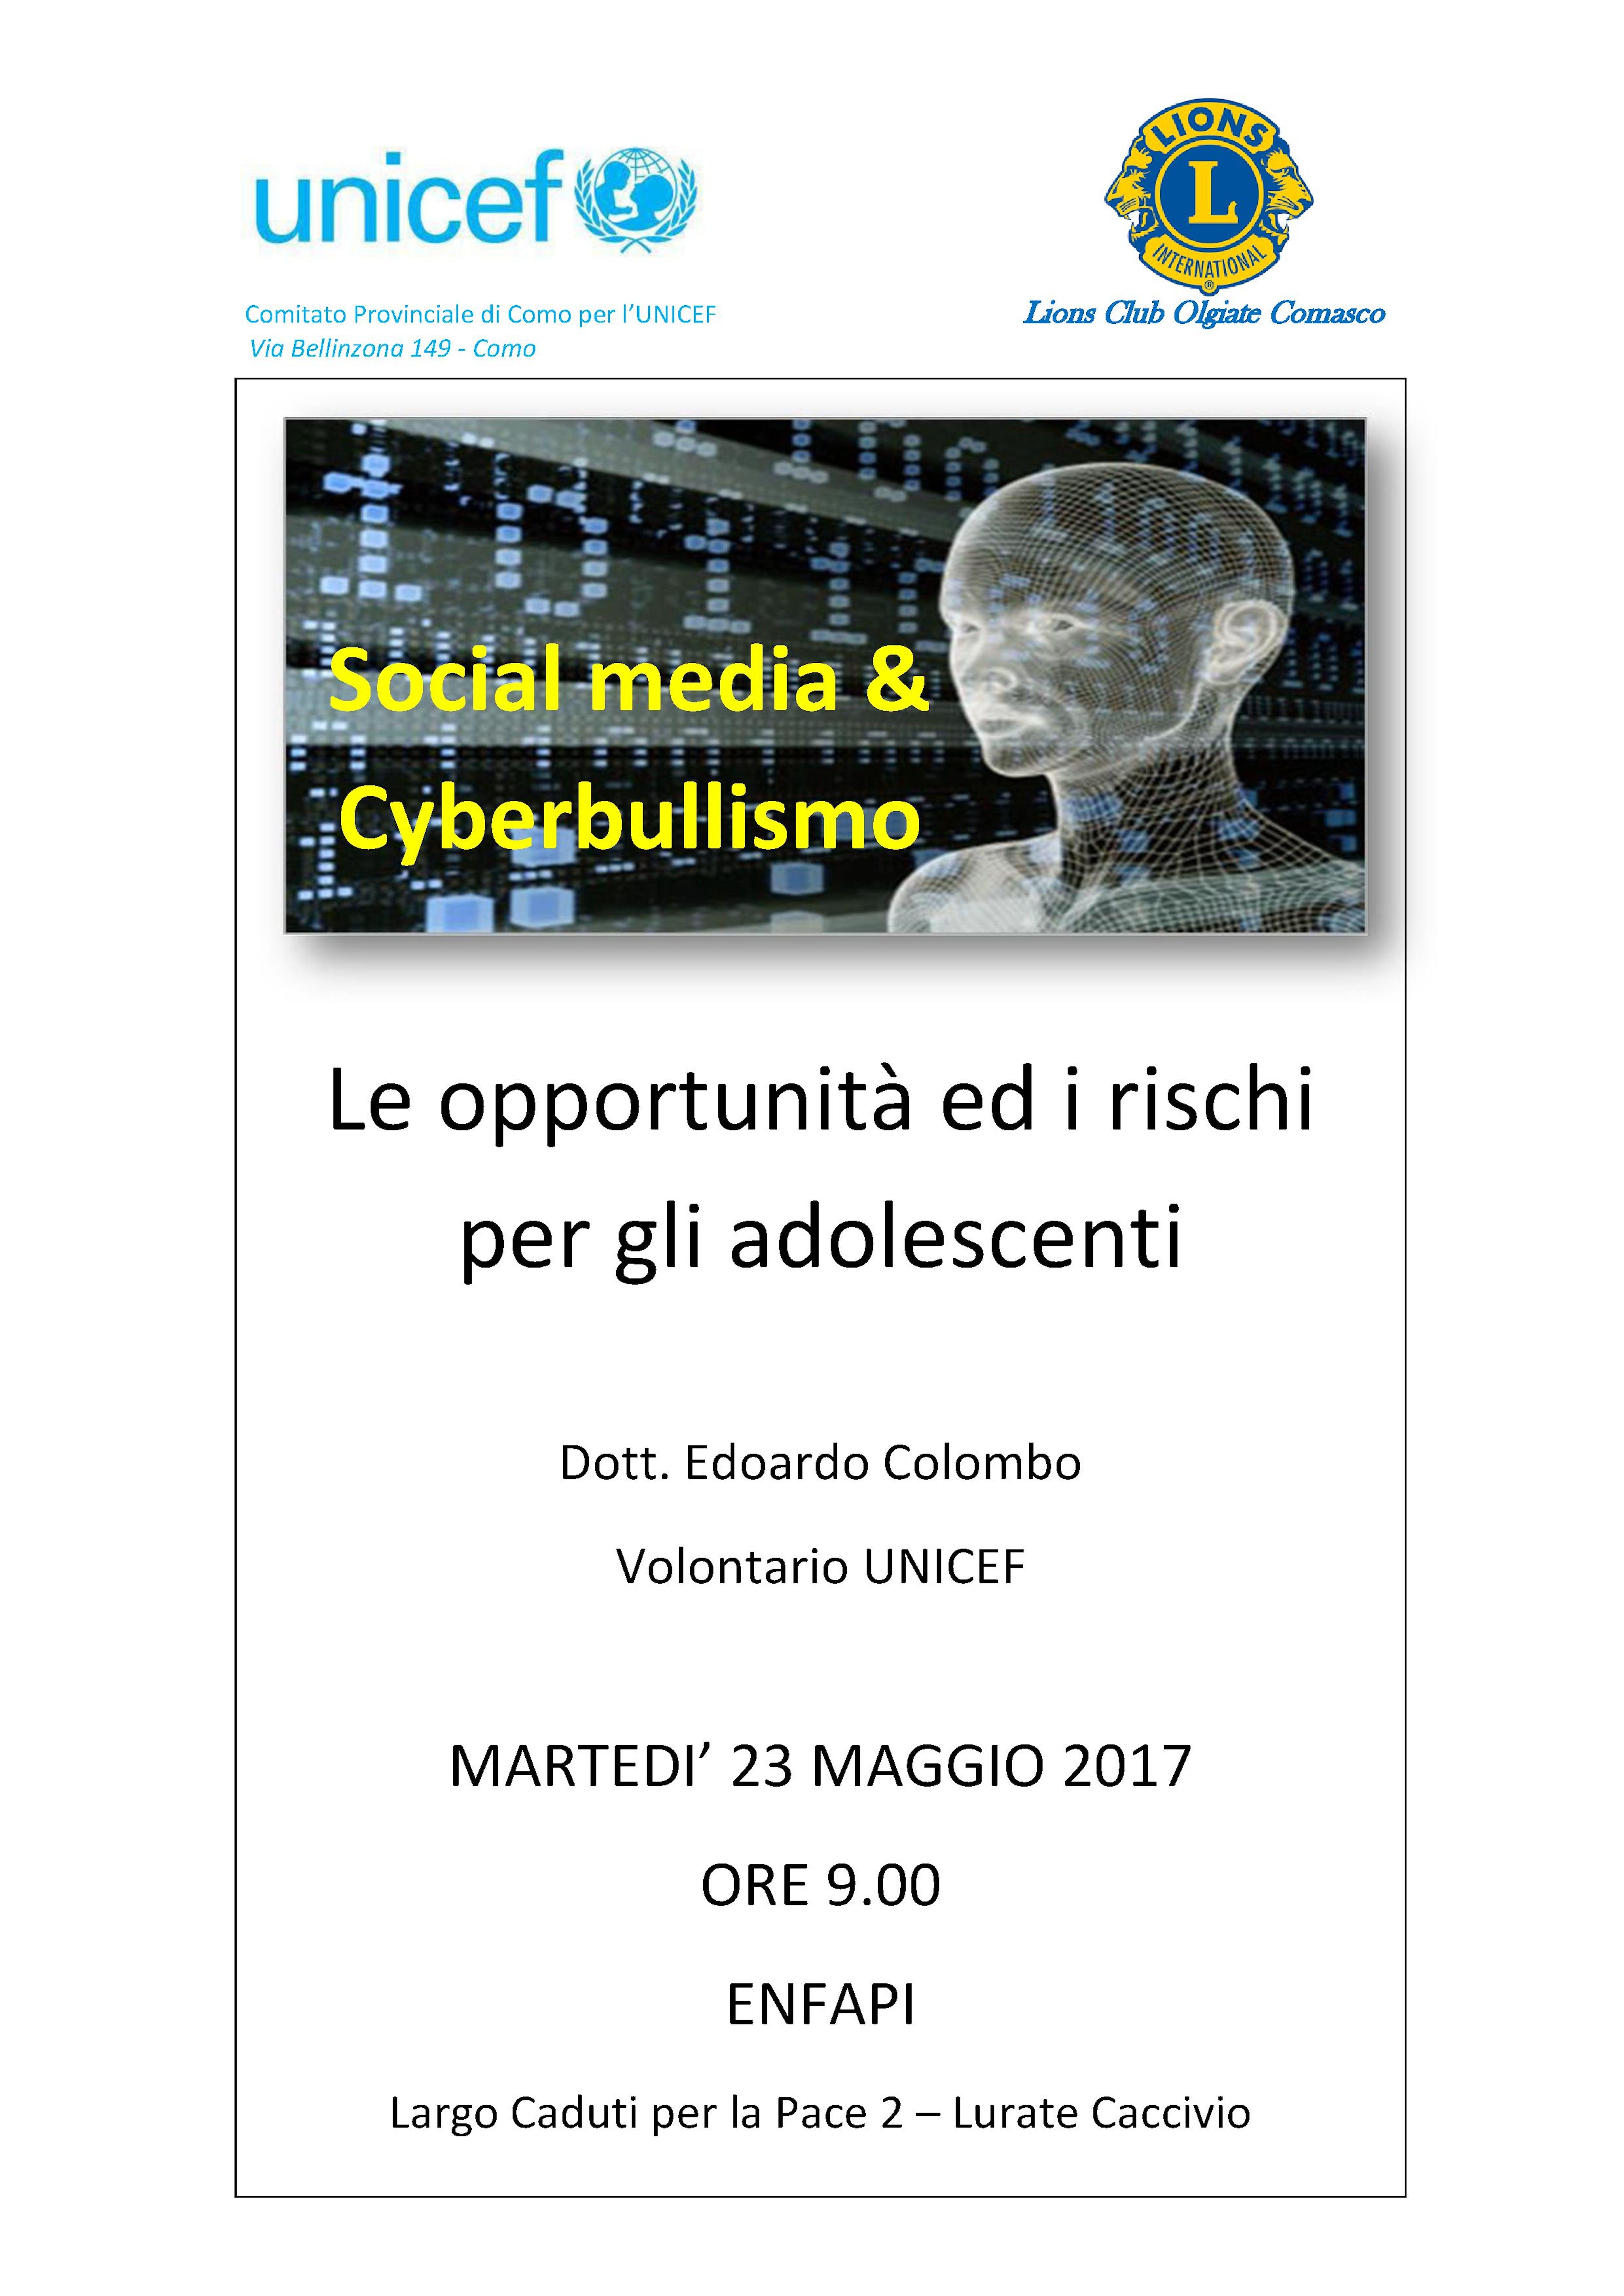 UNICEF in provincia di Como per la prevenzione del cyberbullismo